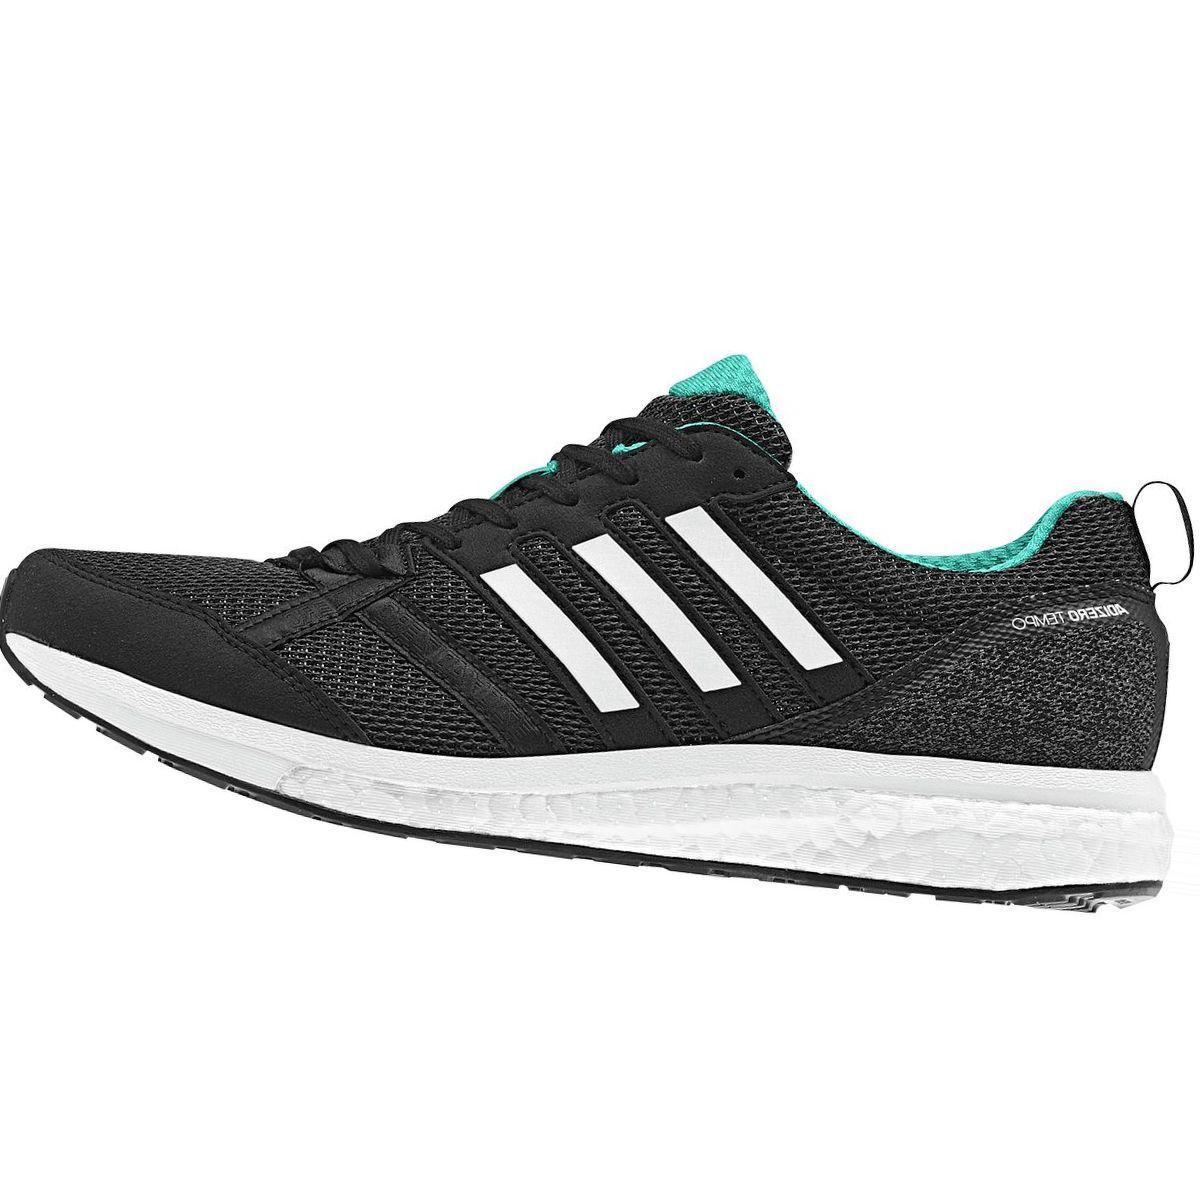 Adidas Adizero Tempo 9 Running Shoe - Men's